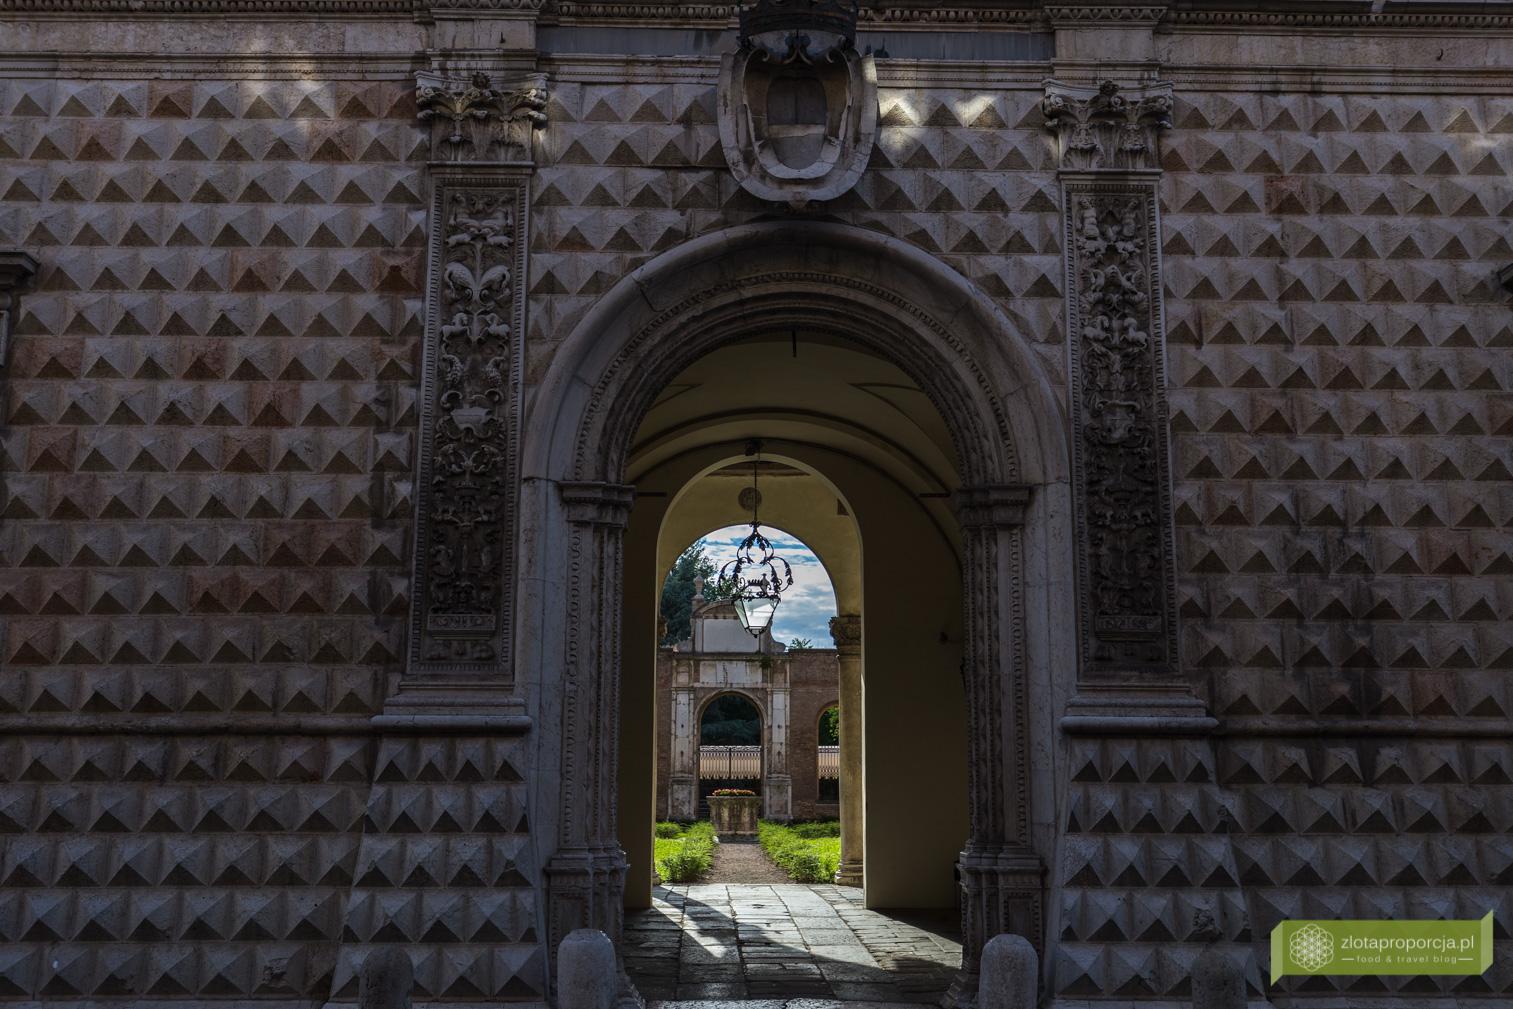 Ferrara, Emilia Romania, Palazzo dei Diamanti